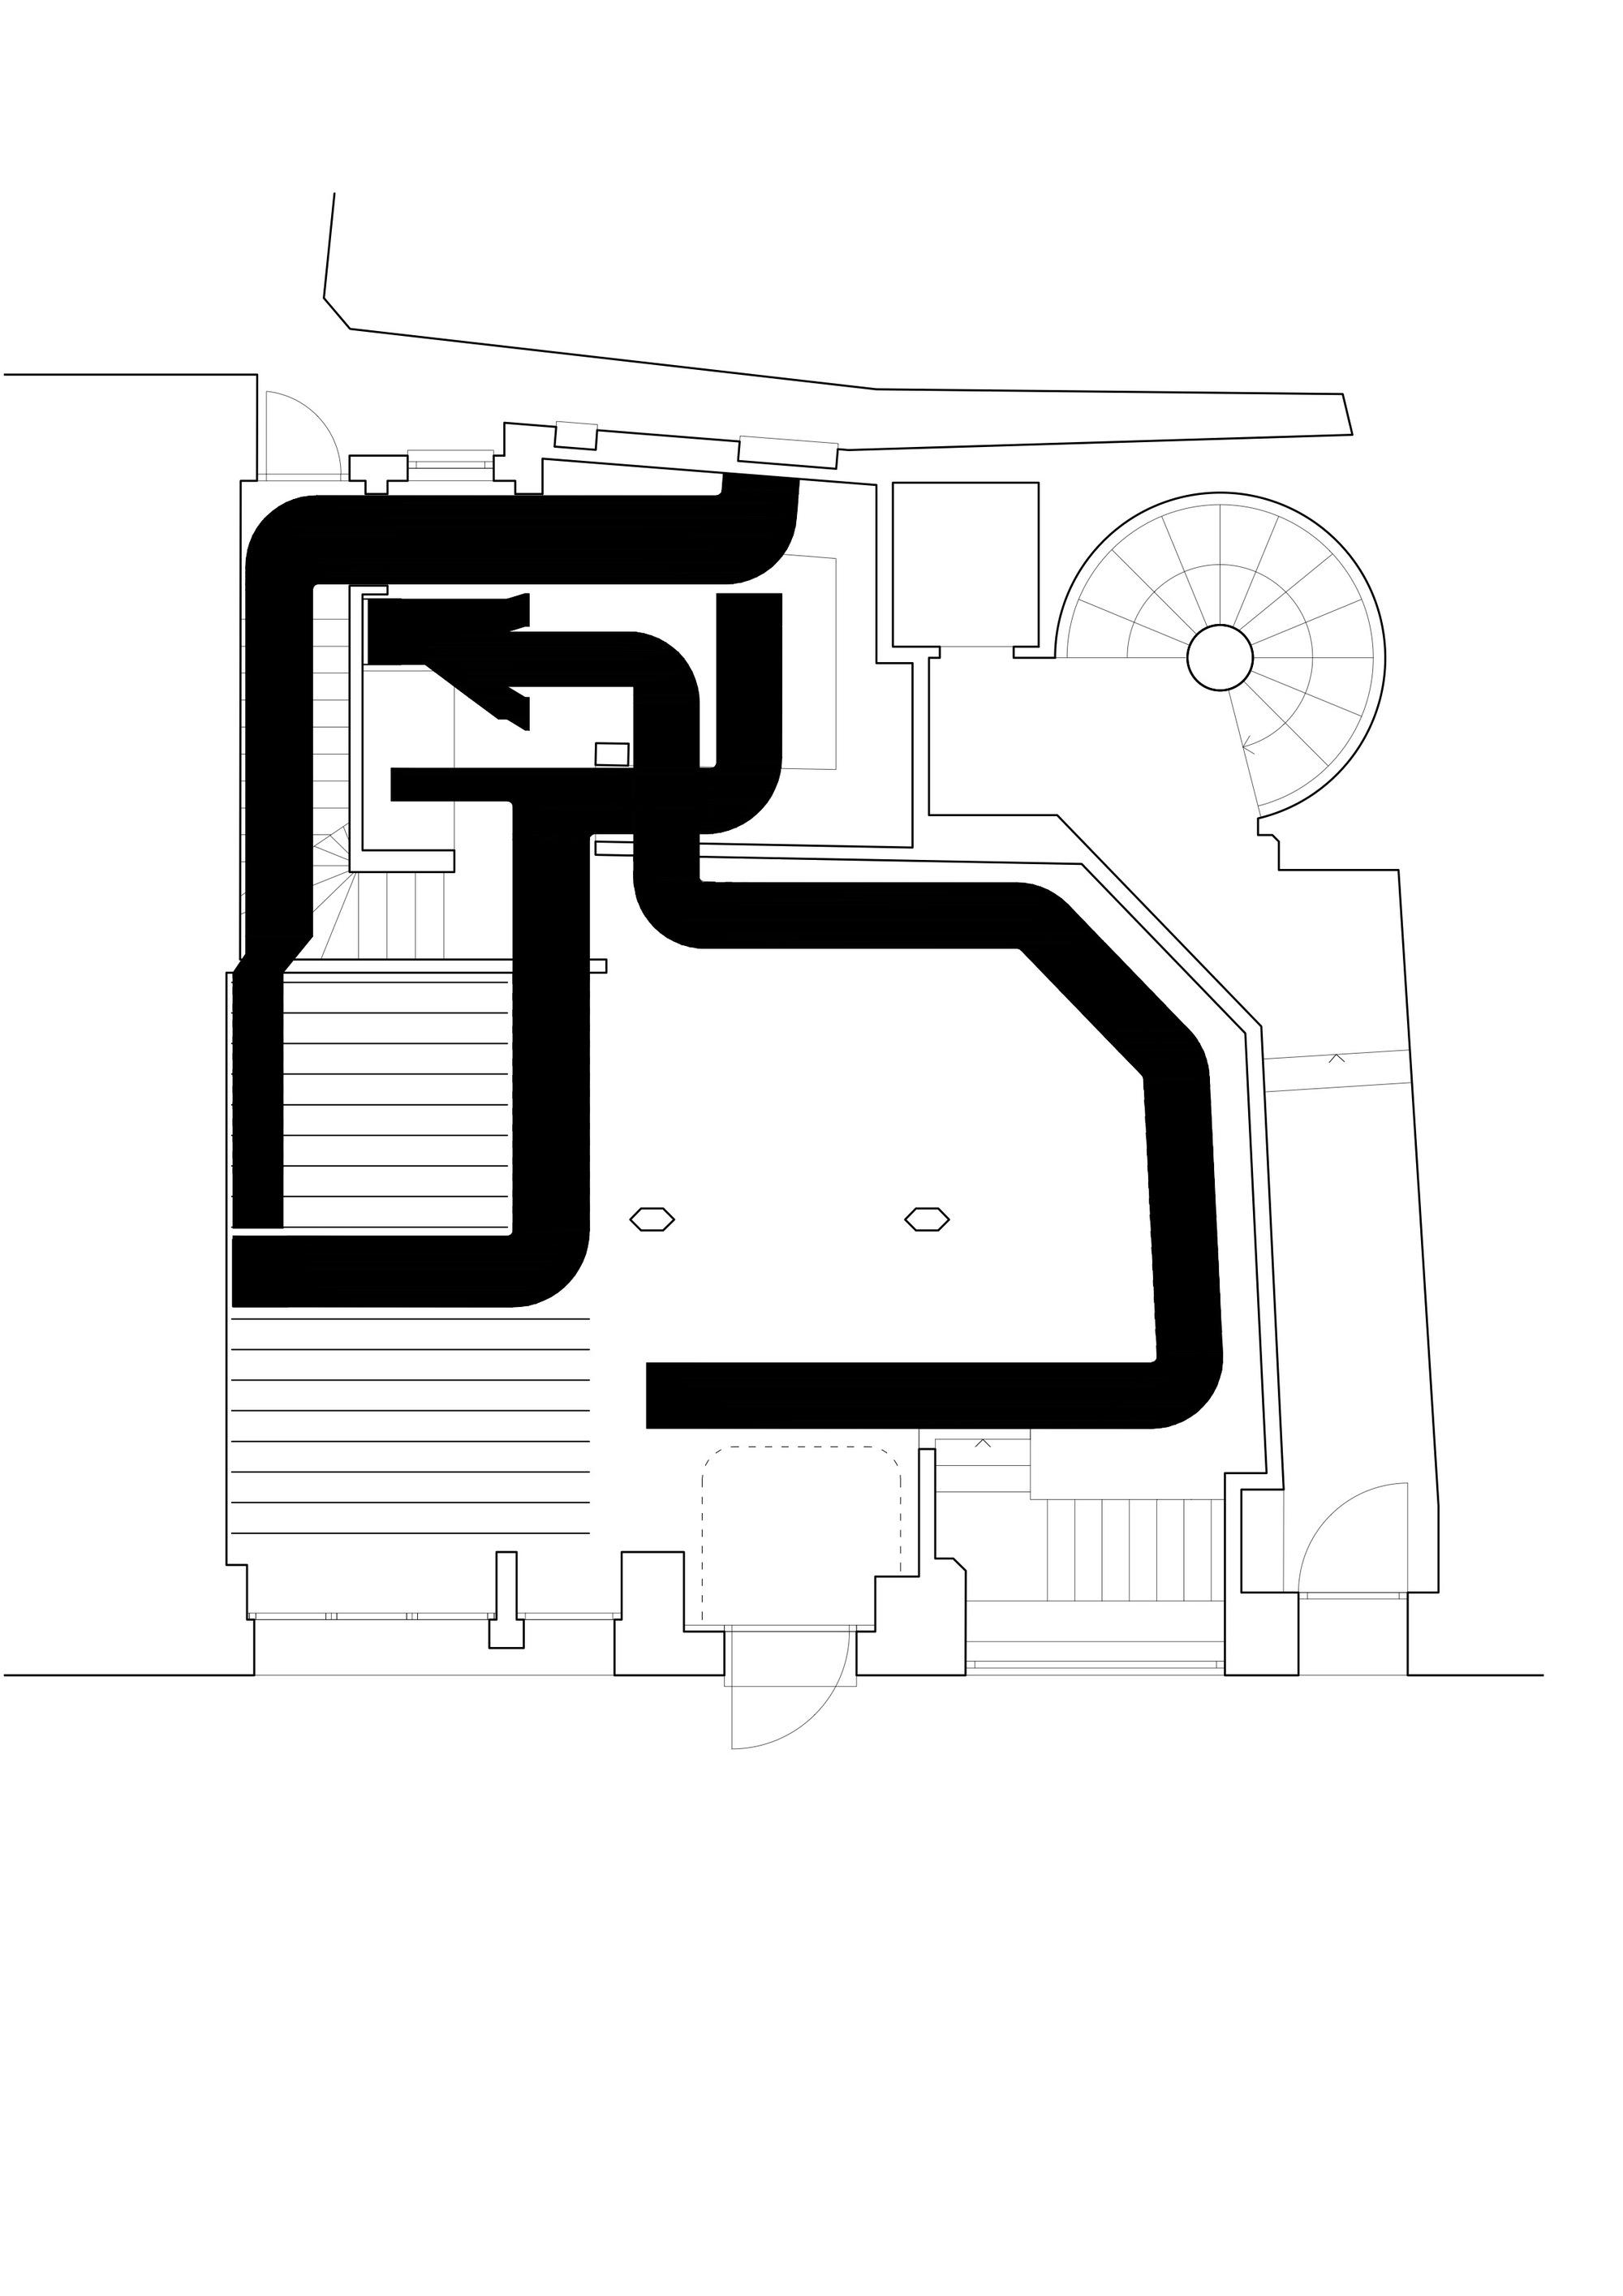 Gallery Of Zinnengasse Restaurant Wuelser Bechtel Architekten 32 Schematic Zoom Image View Original Size